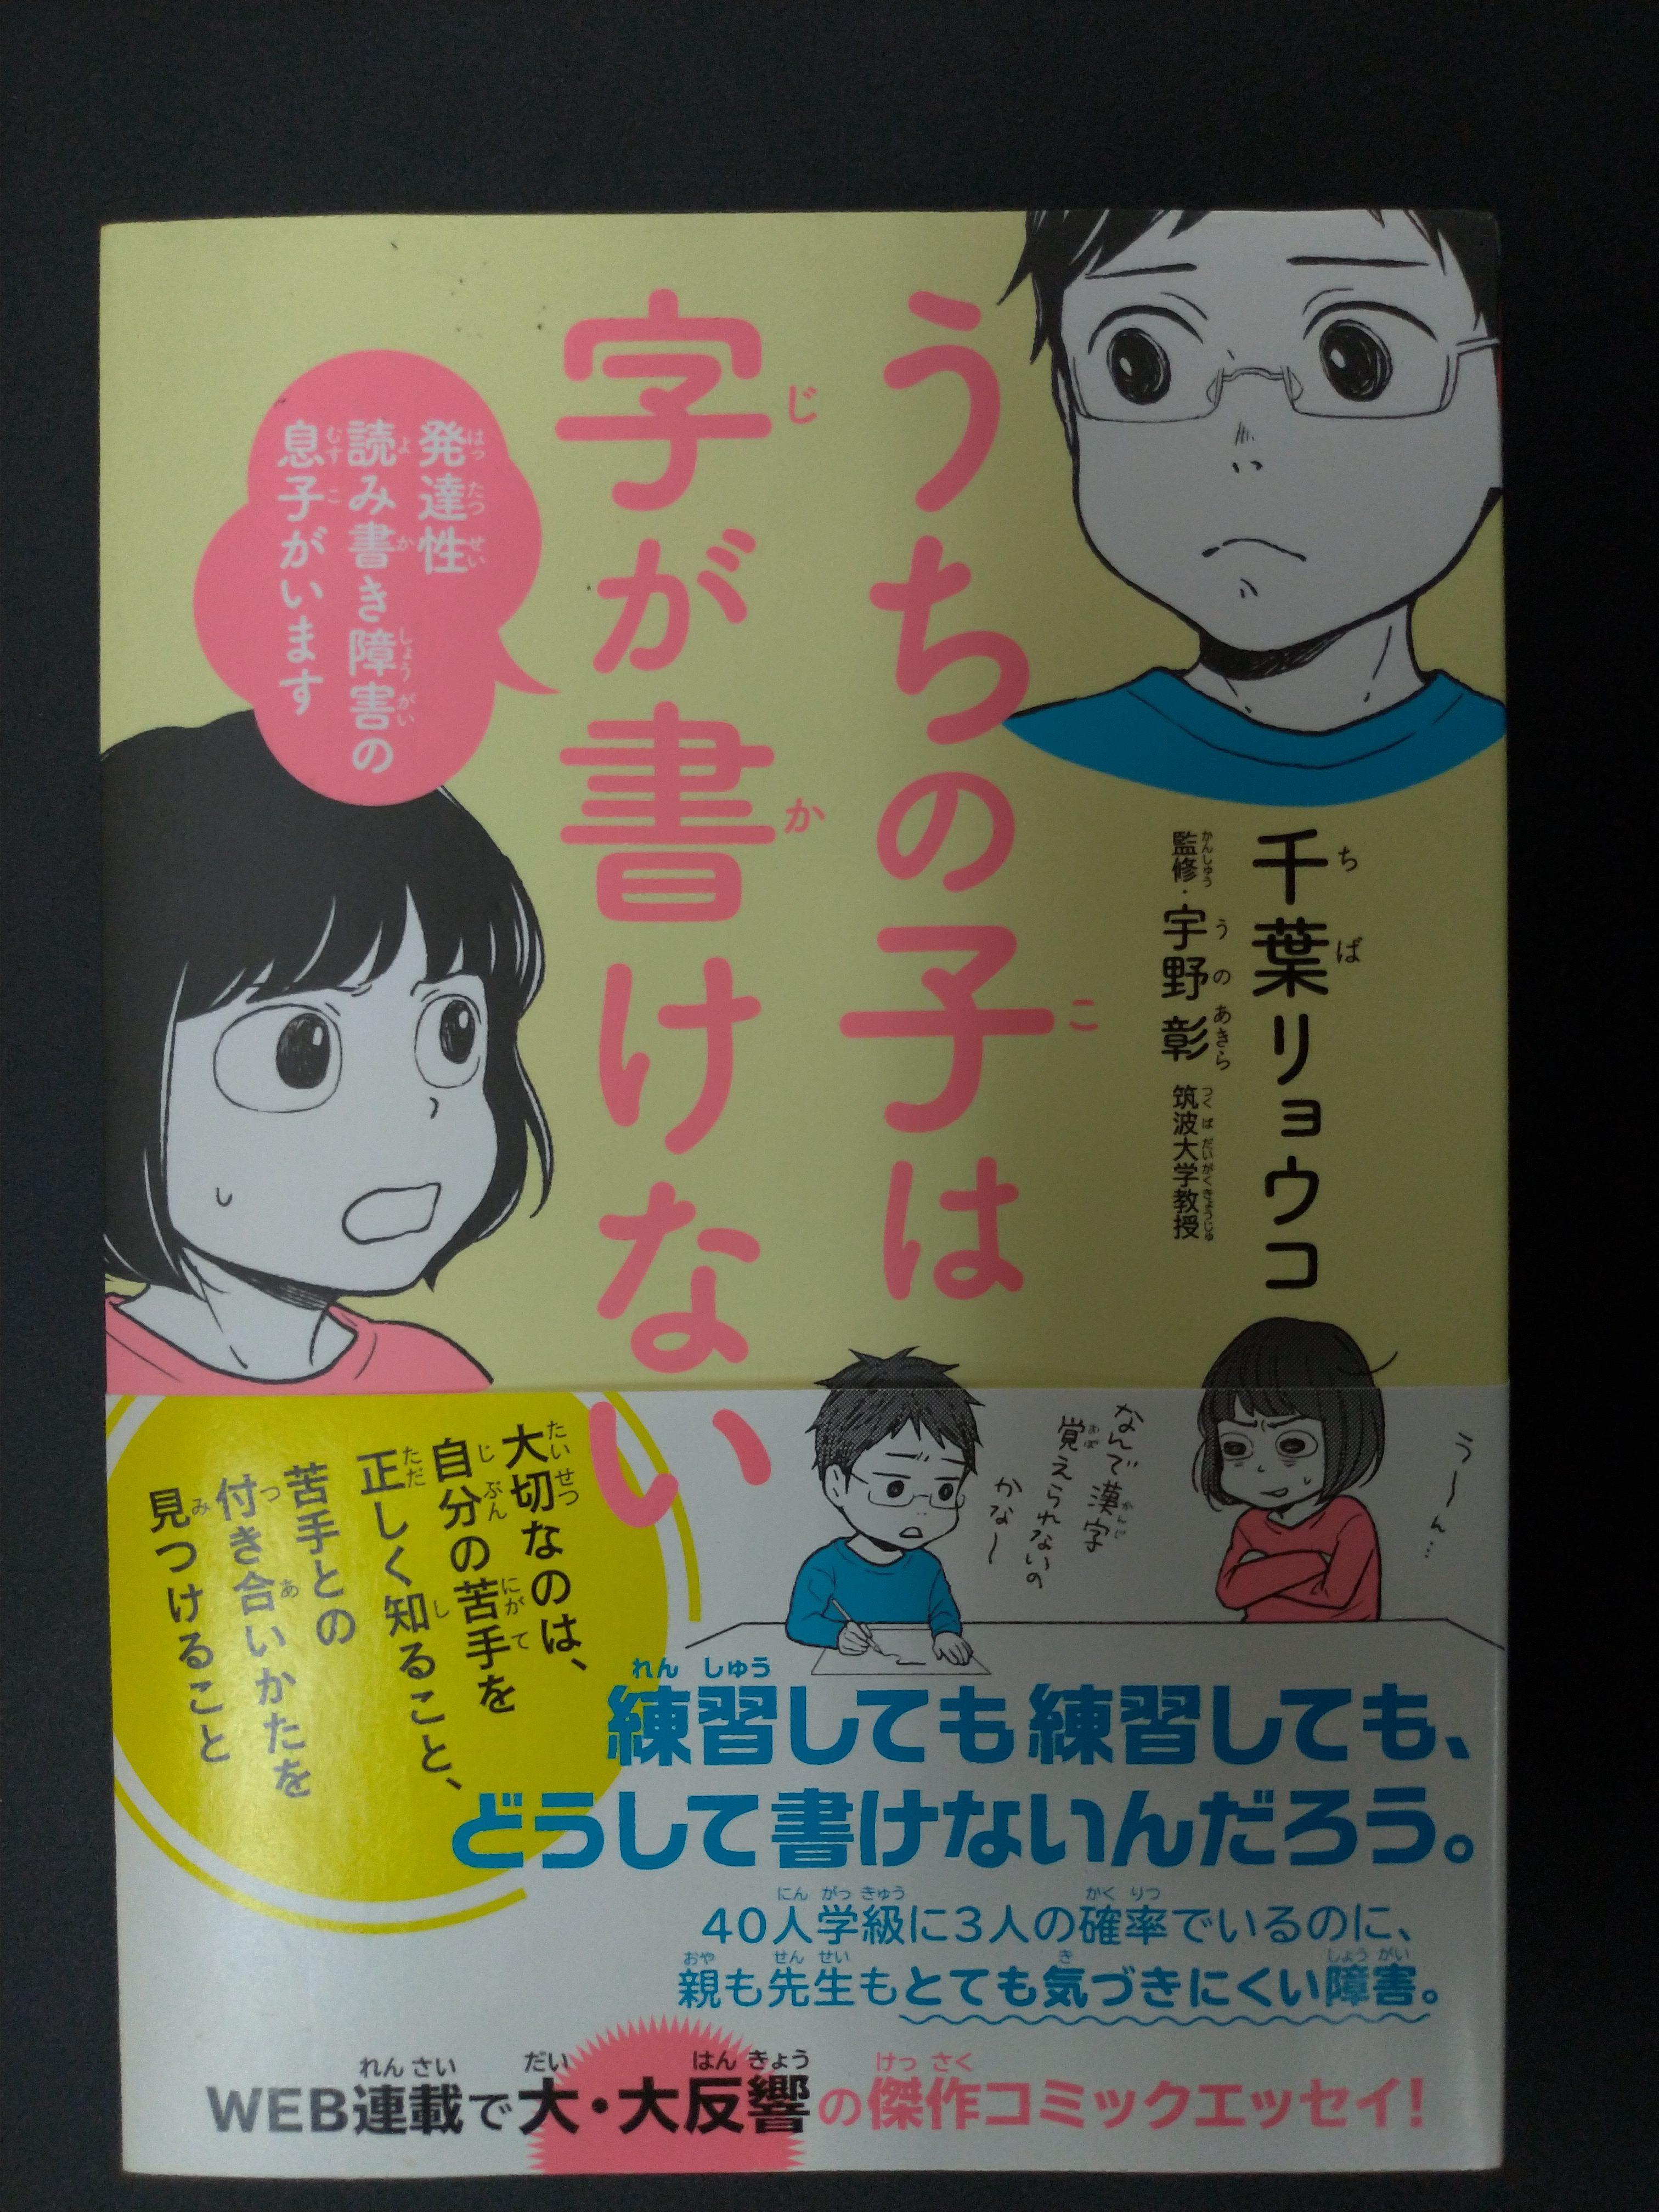 マンガ「うちの子は字が書けない」で発達性読み書き障害(ディスレクシア)を知る